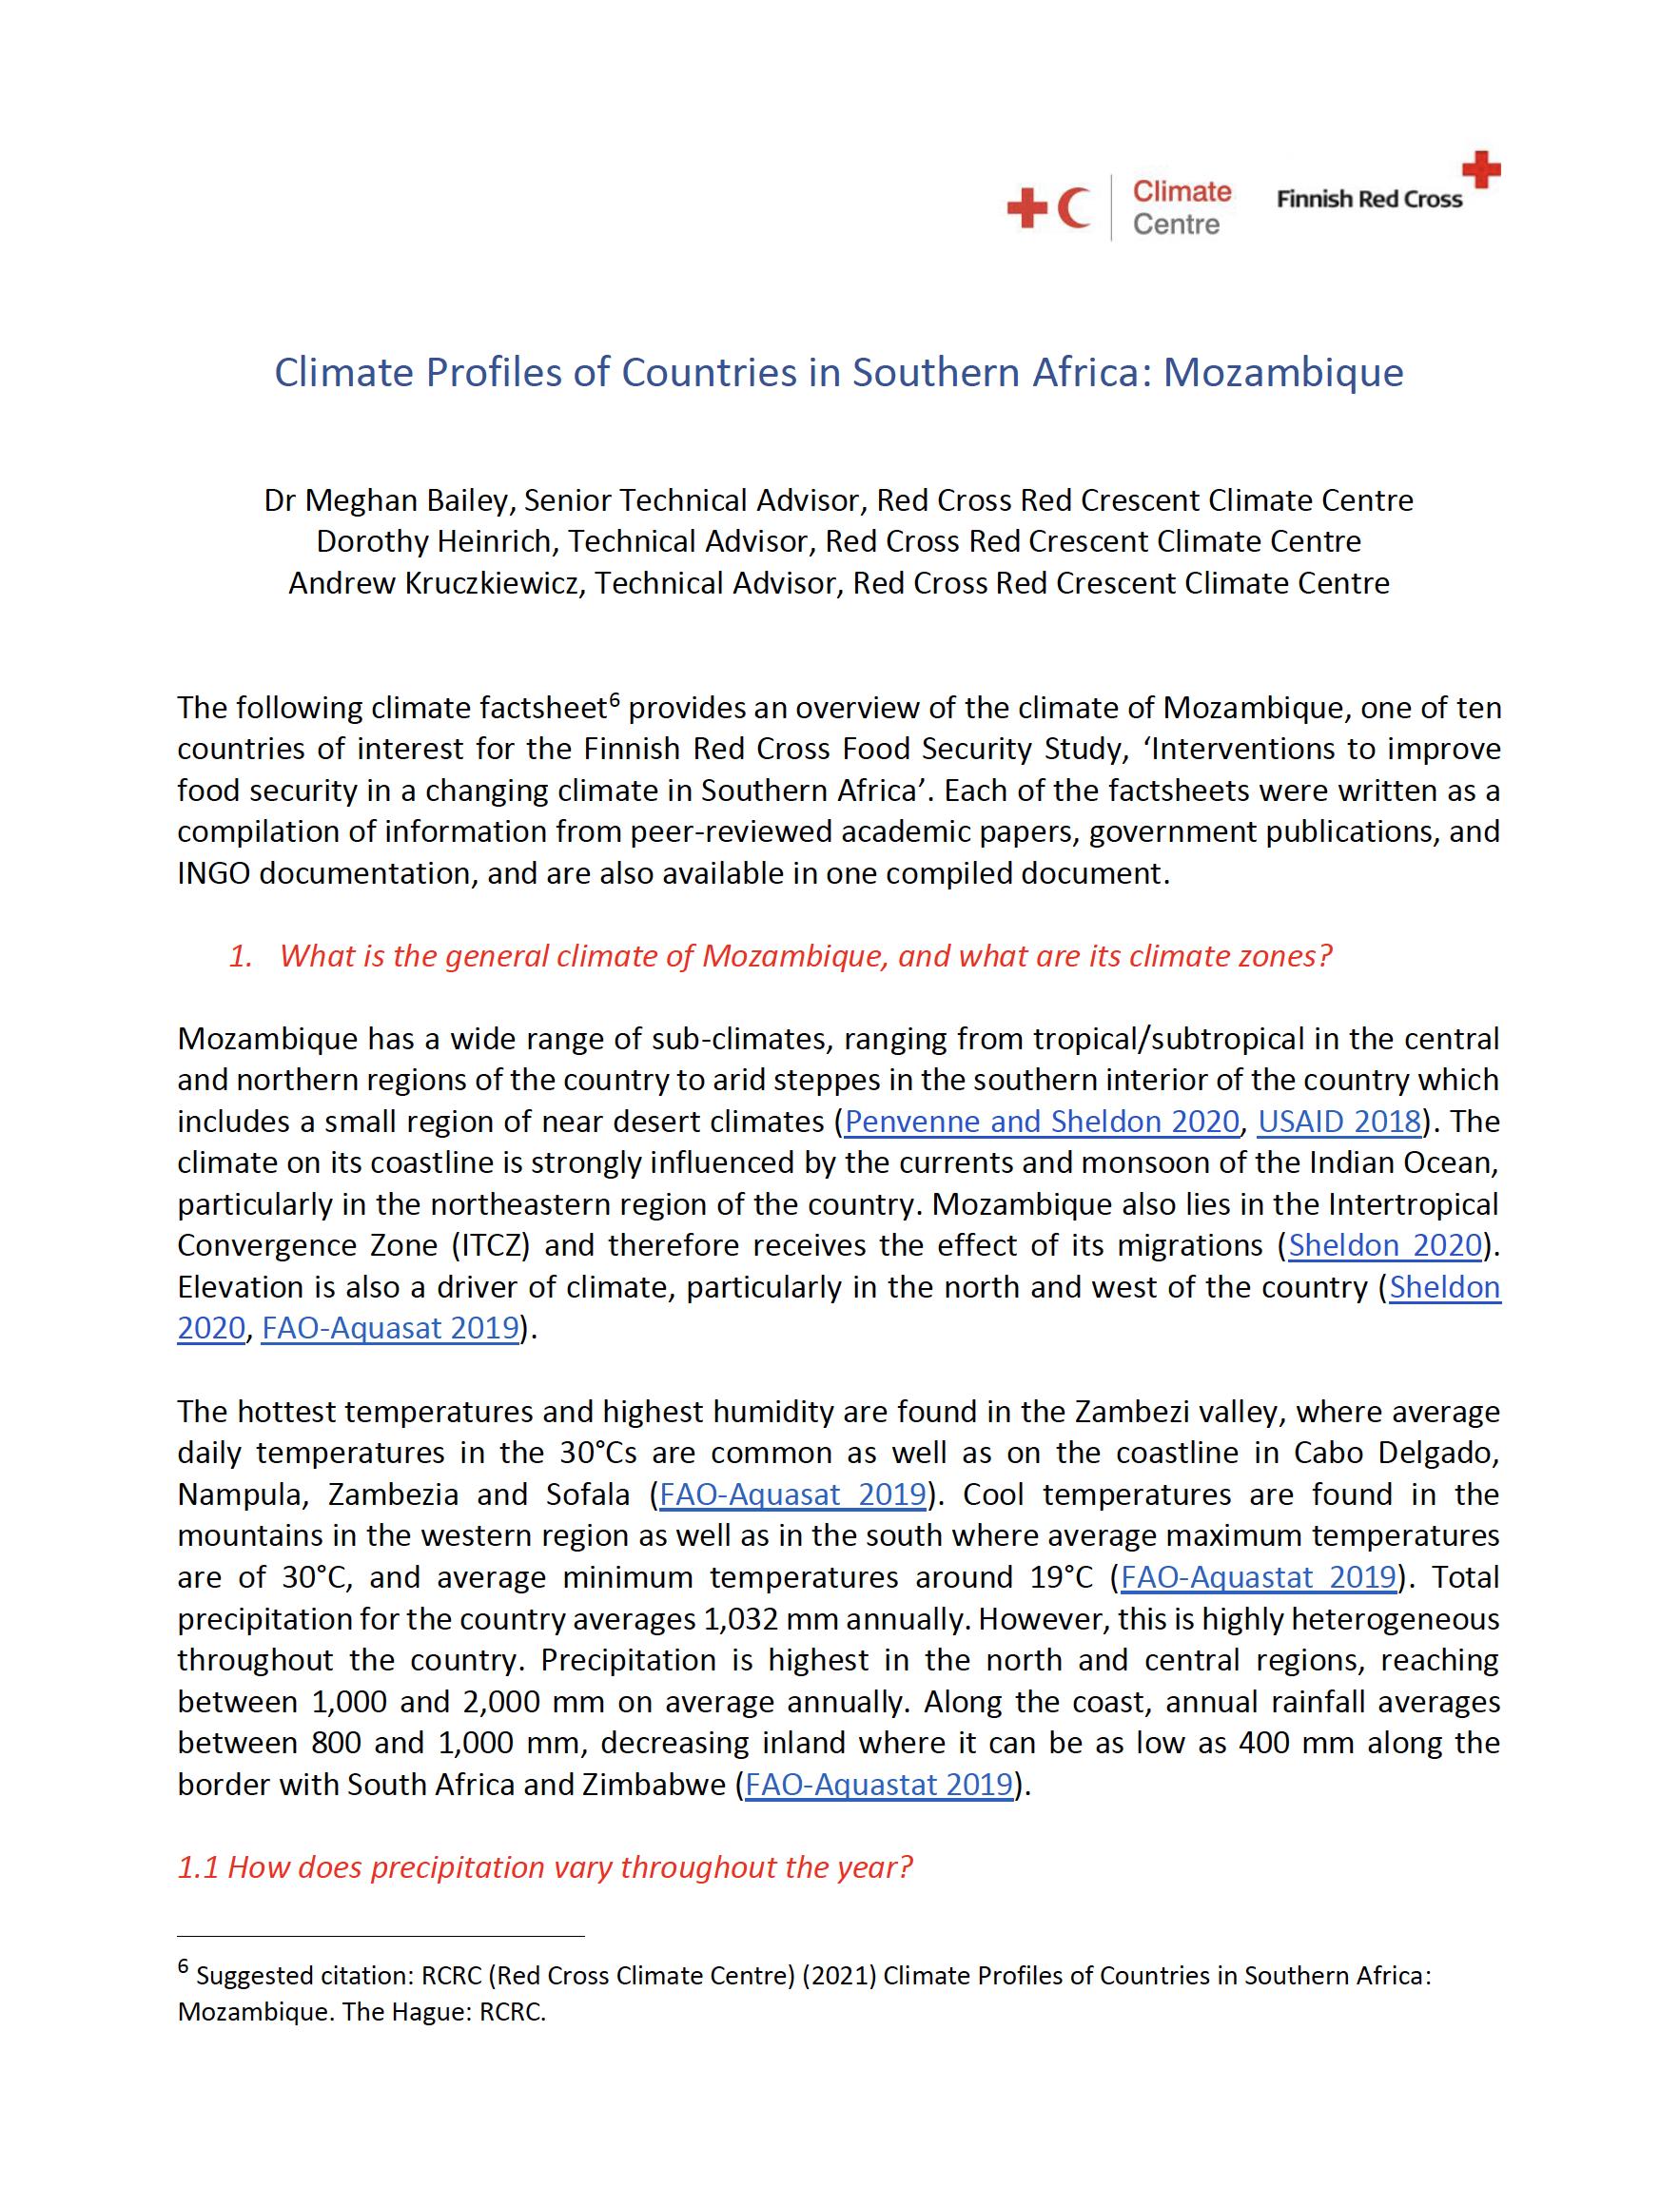 Climate Factsheet Mozambique